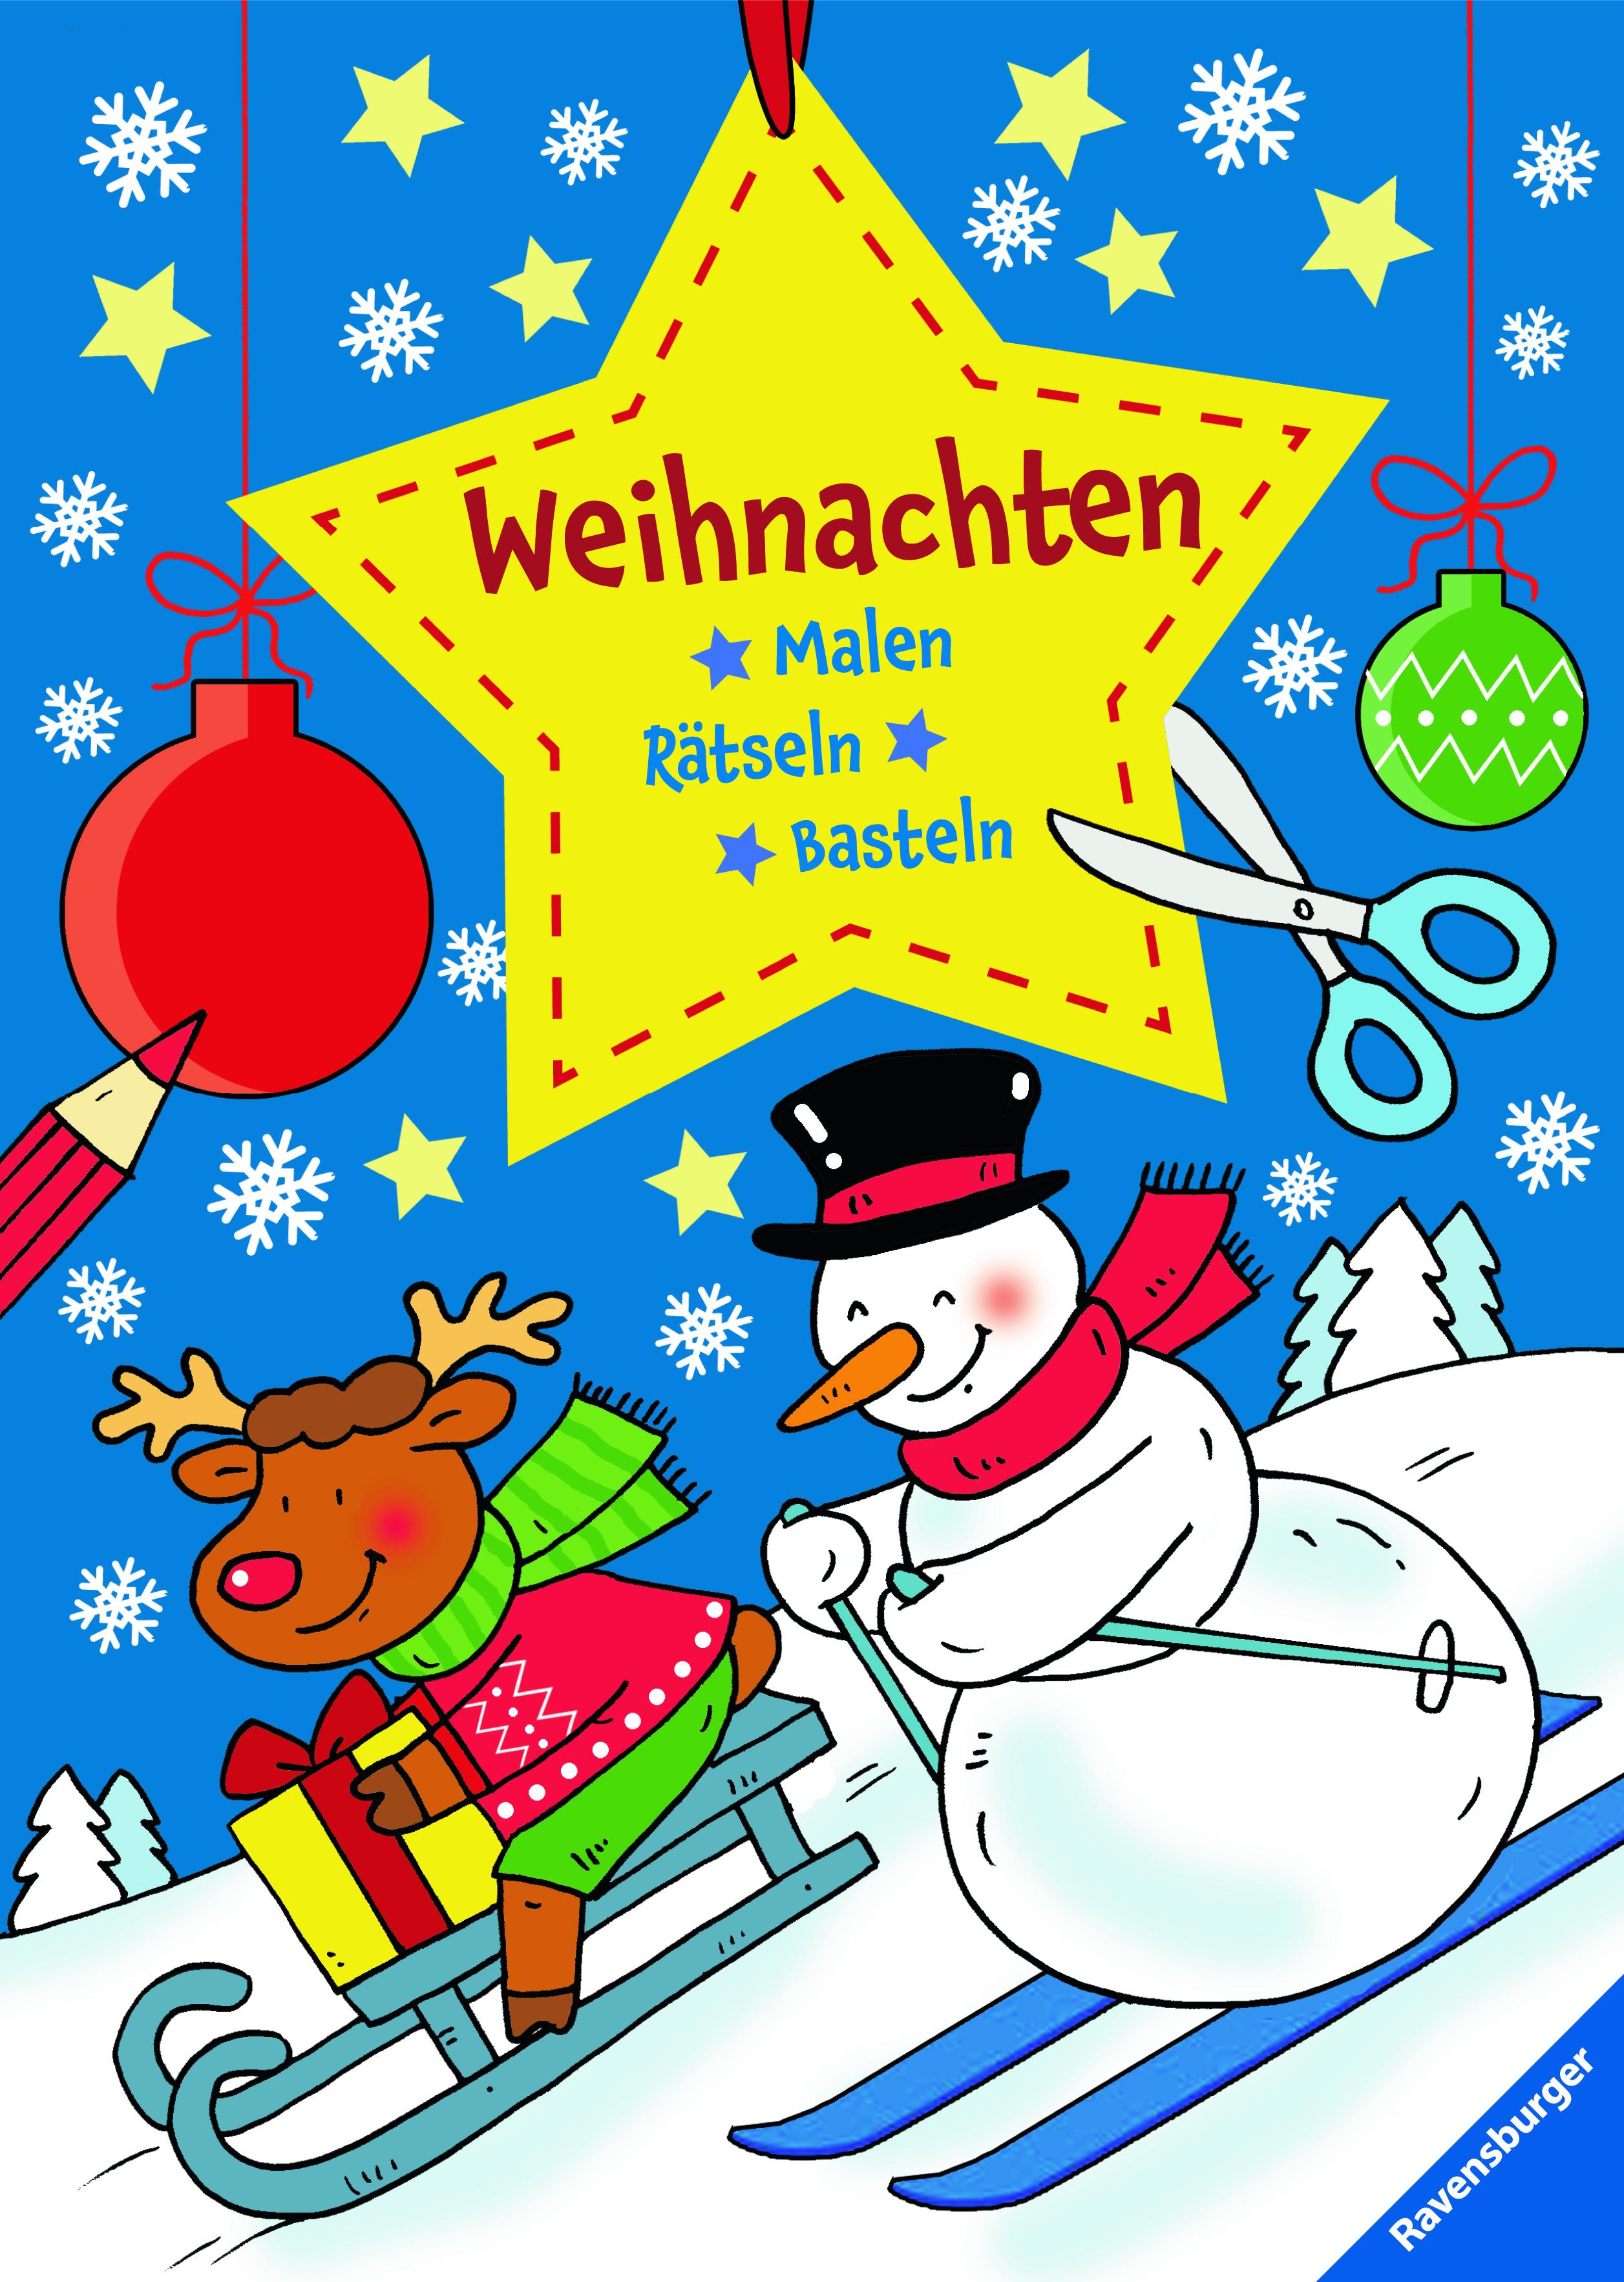 Malen - Rätseln - Basteln: Weihnachten | Malbücher und Bastelbücher ...